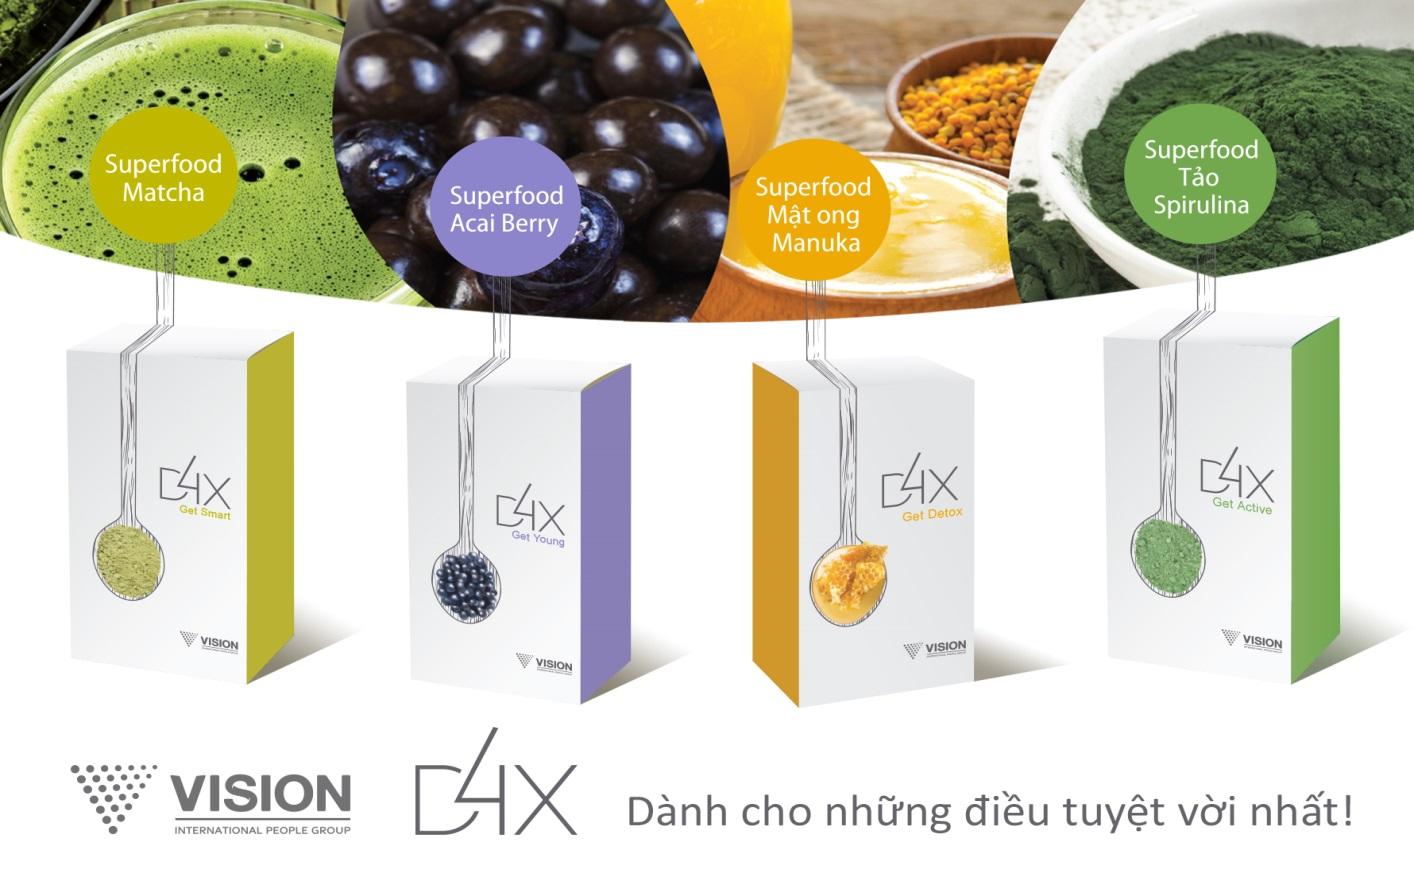 D4x – Smart Food từ Vision giá bao nhiêu tiền?